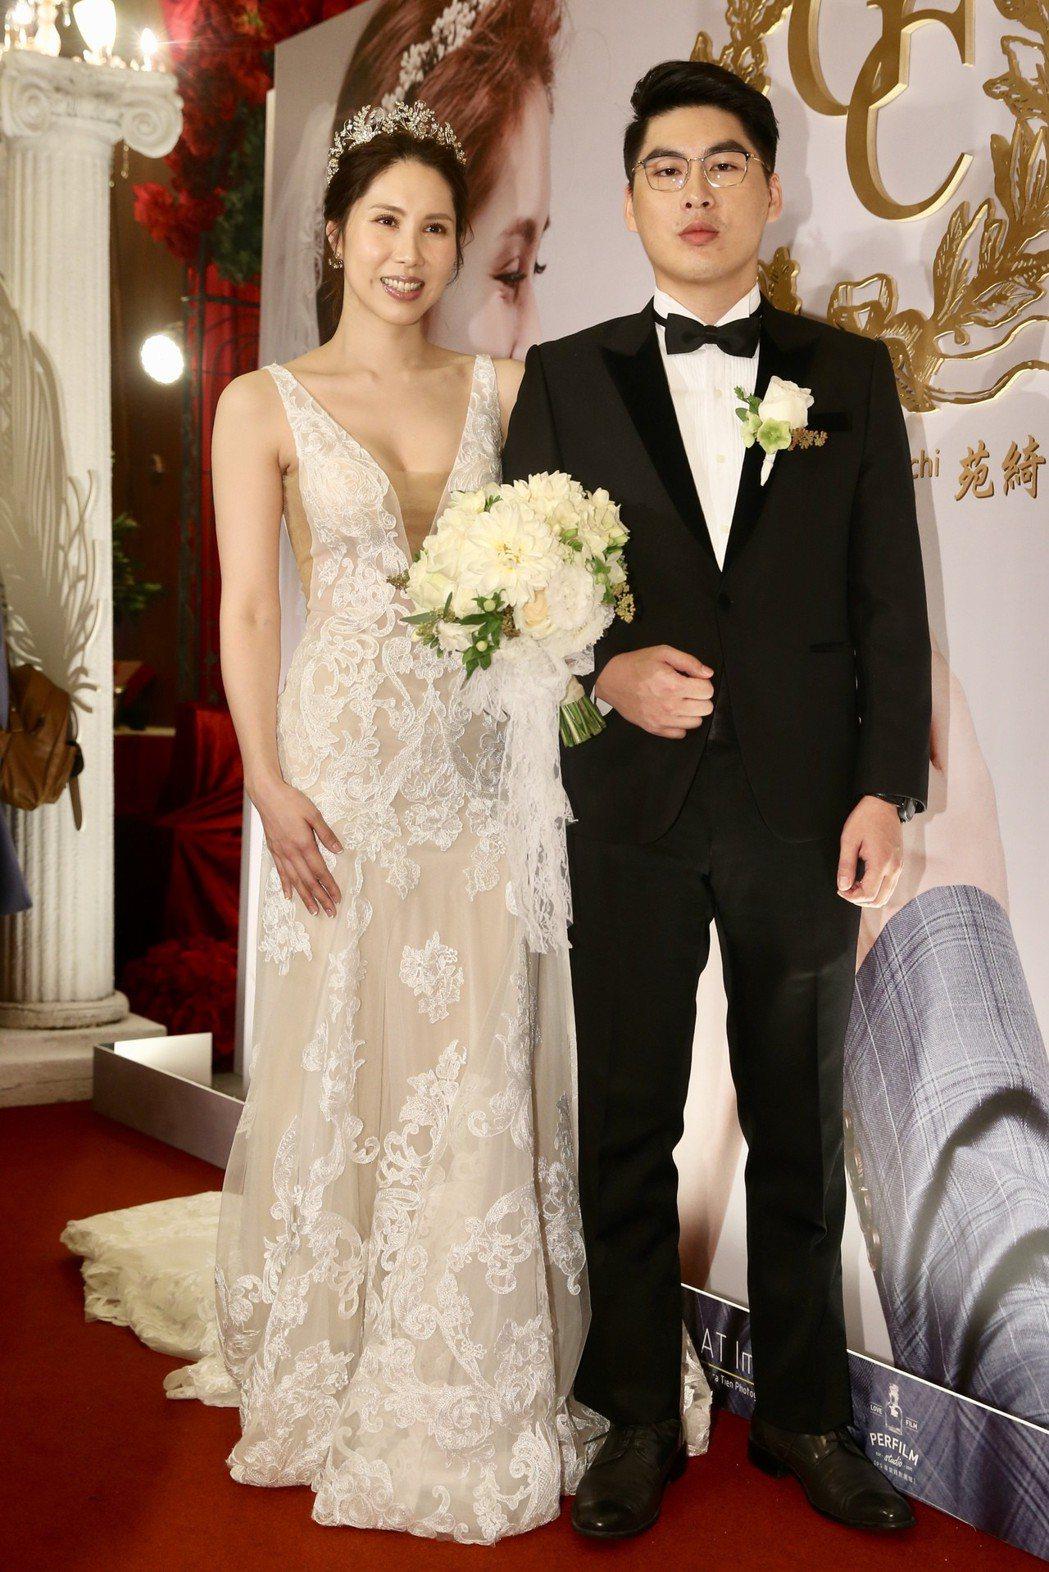 余天二女兒余苑綺(左)與先生陳鑒(右)昨天在圓山大飯店補辦婚宴。記者林伯東/攝影